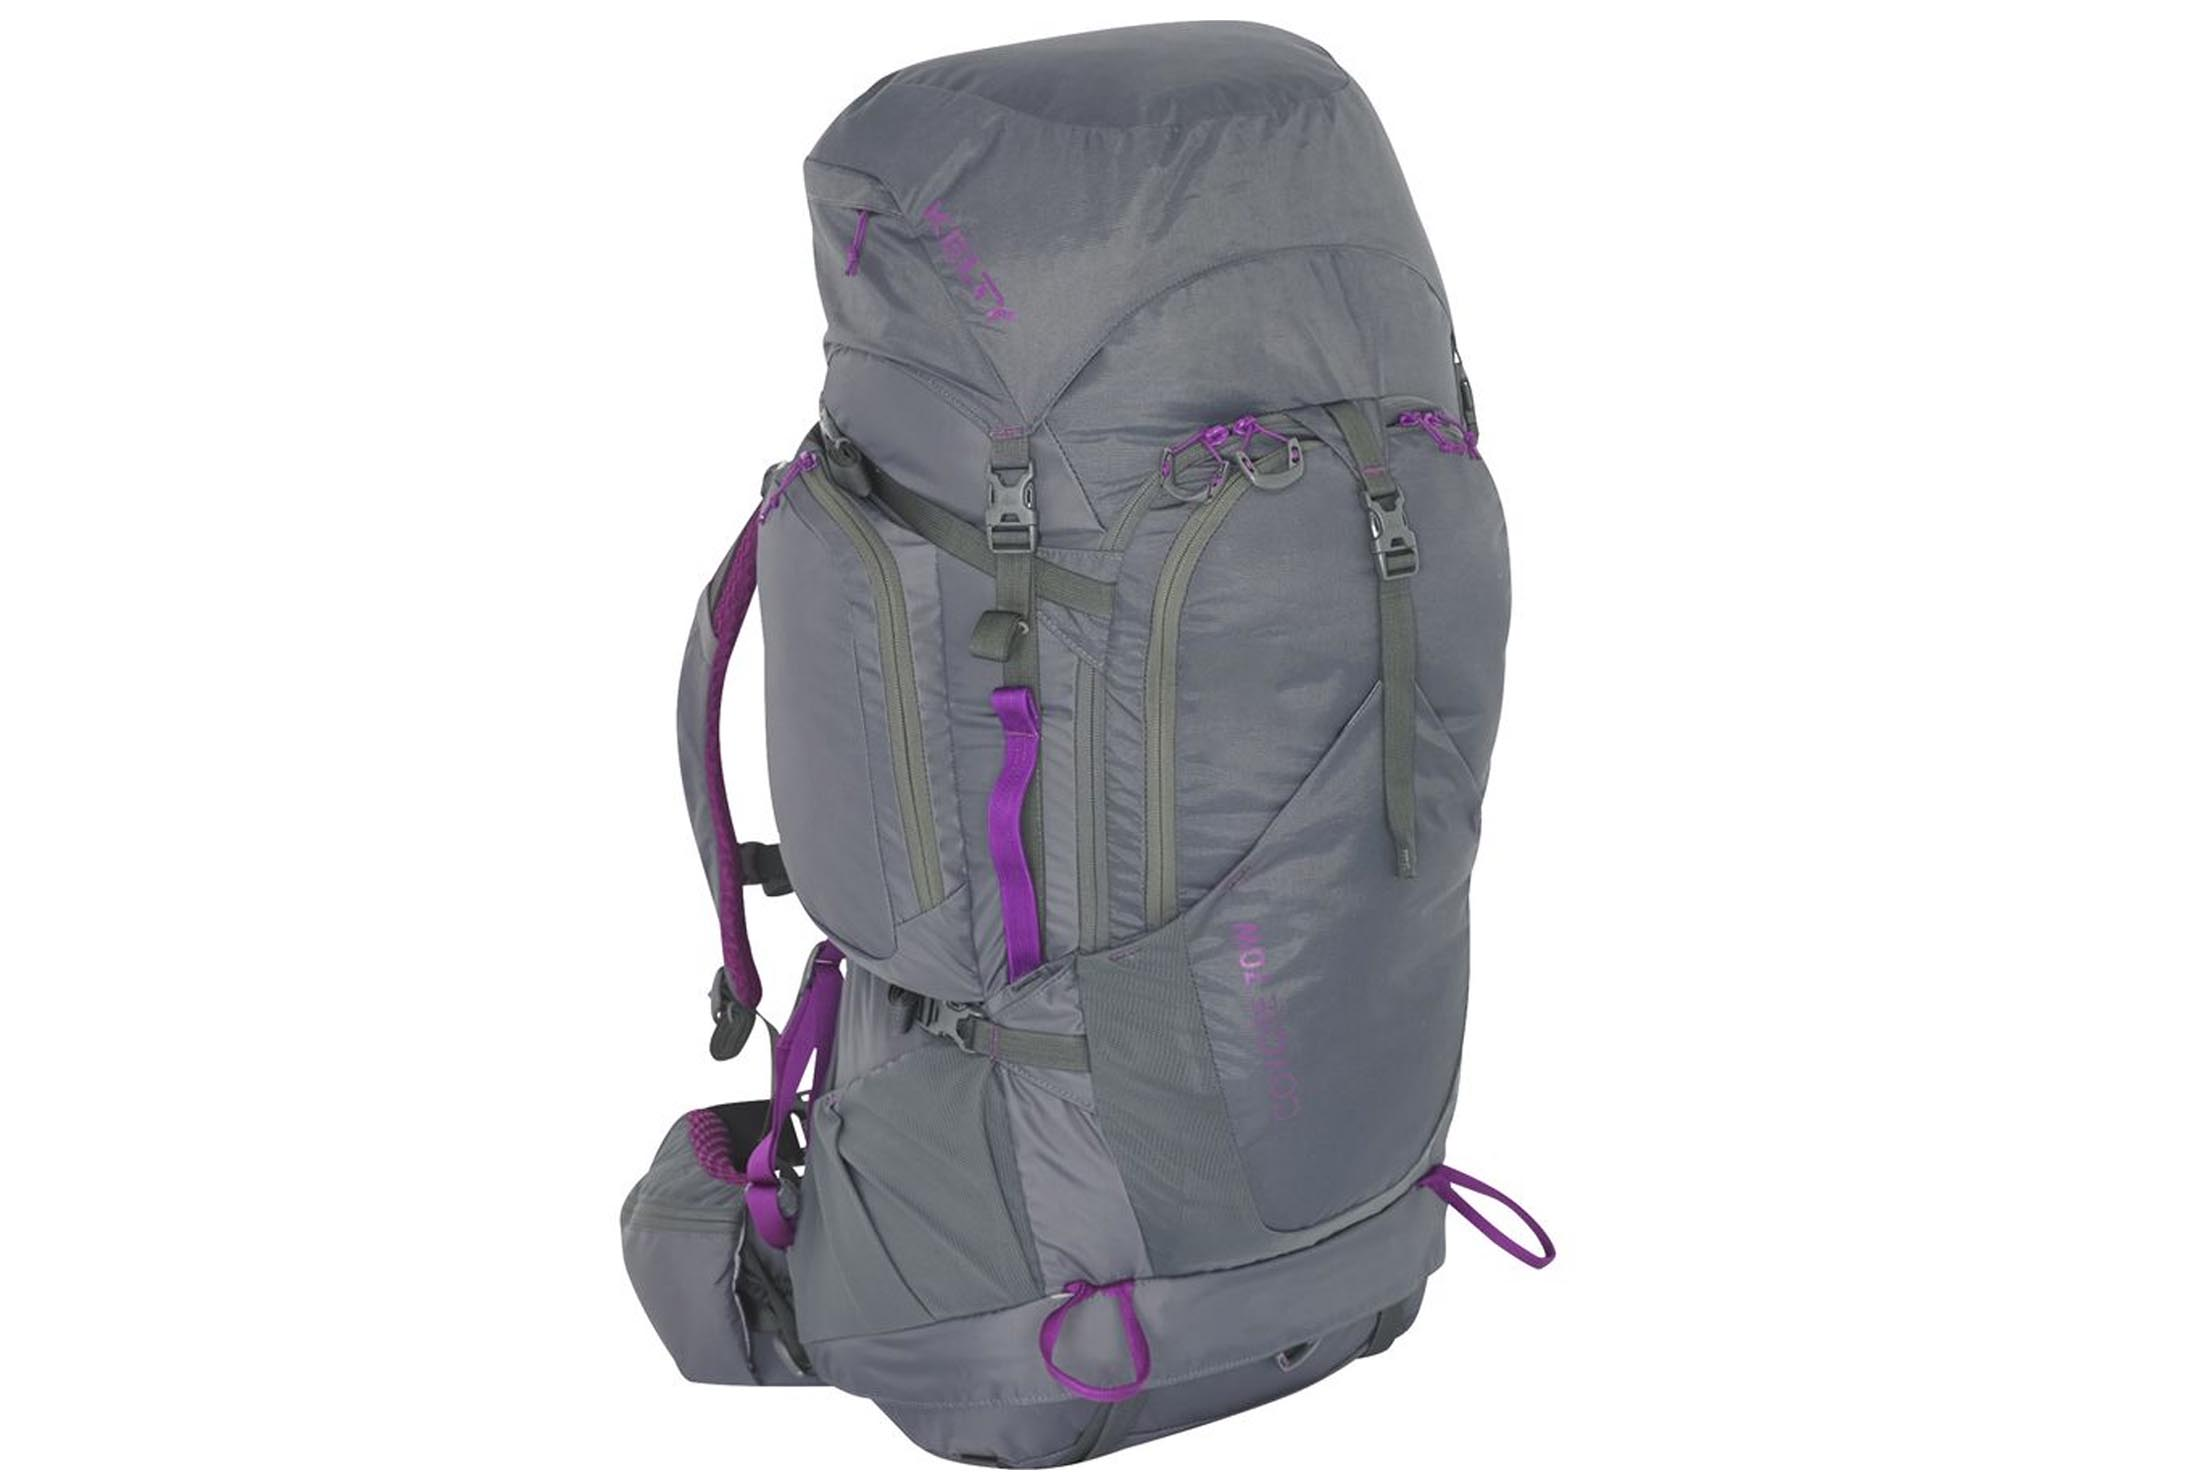 kelty pack